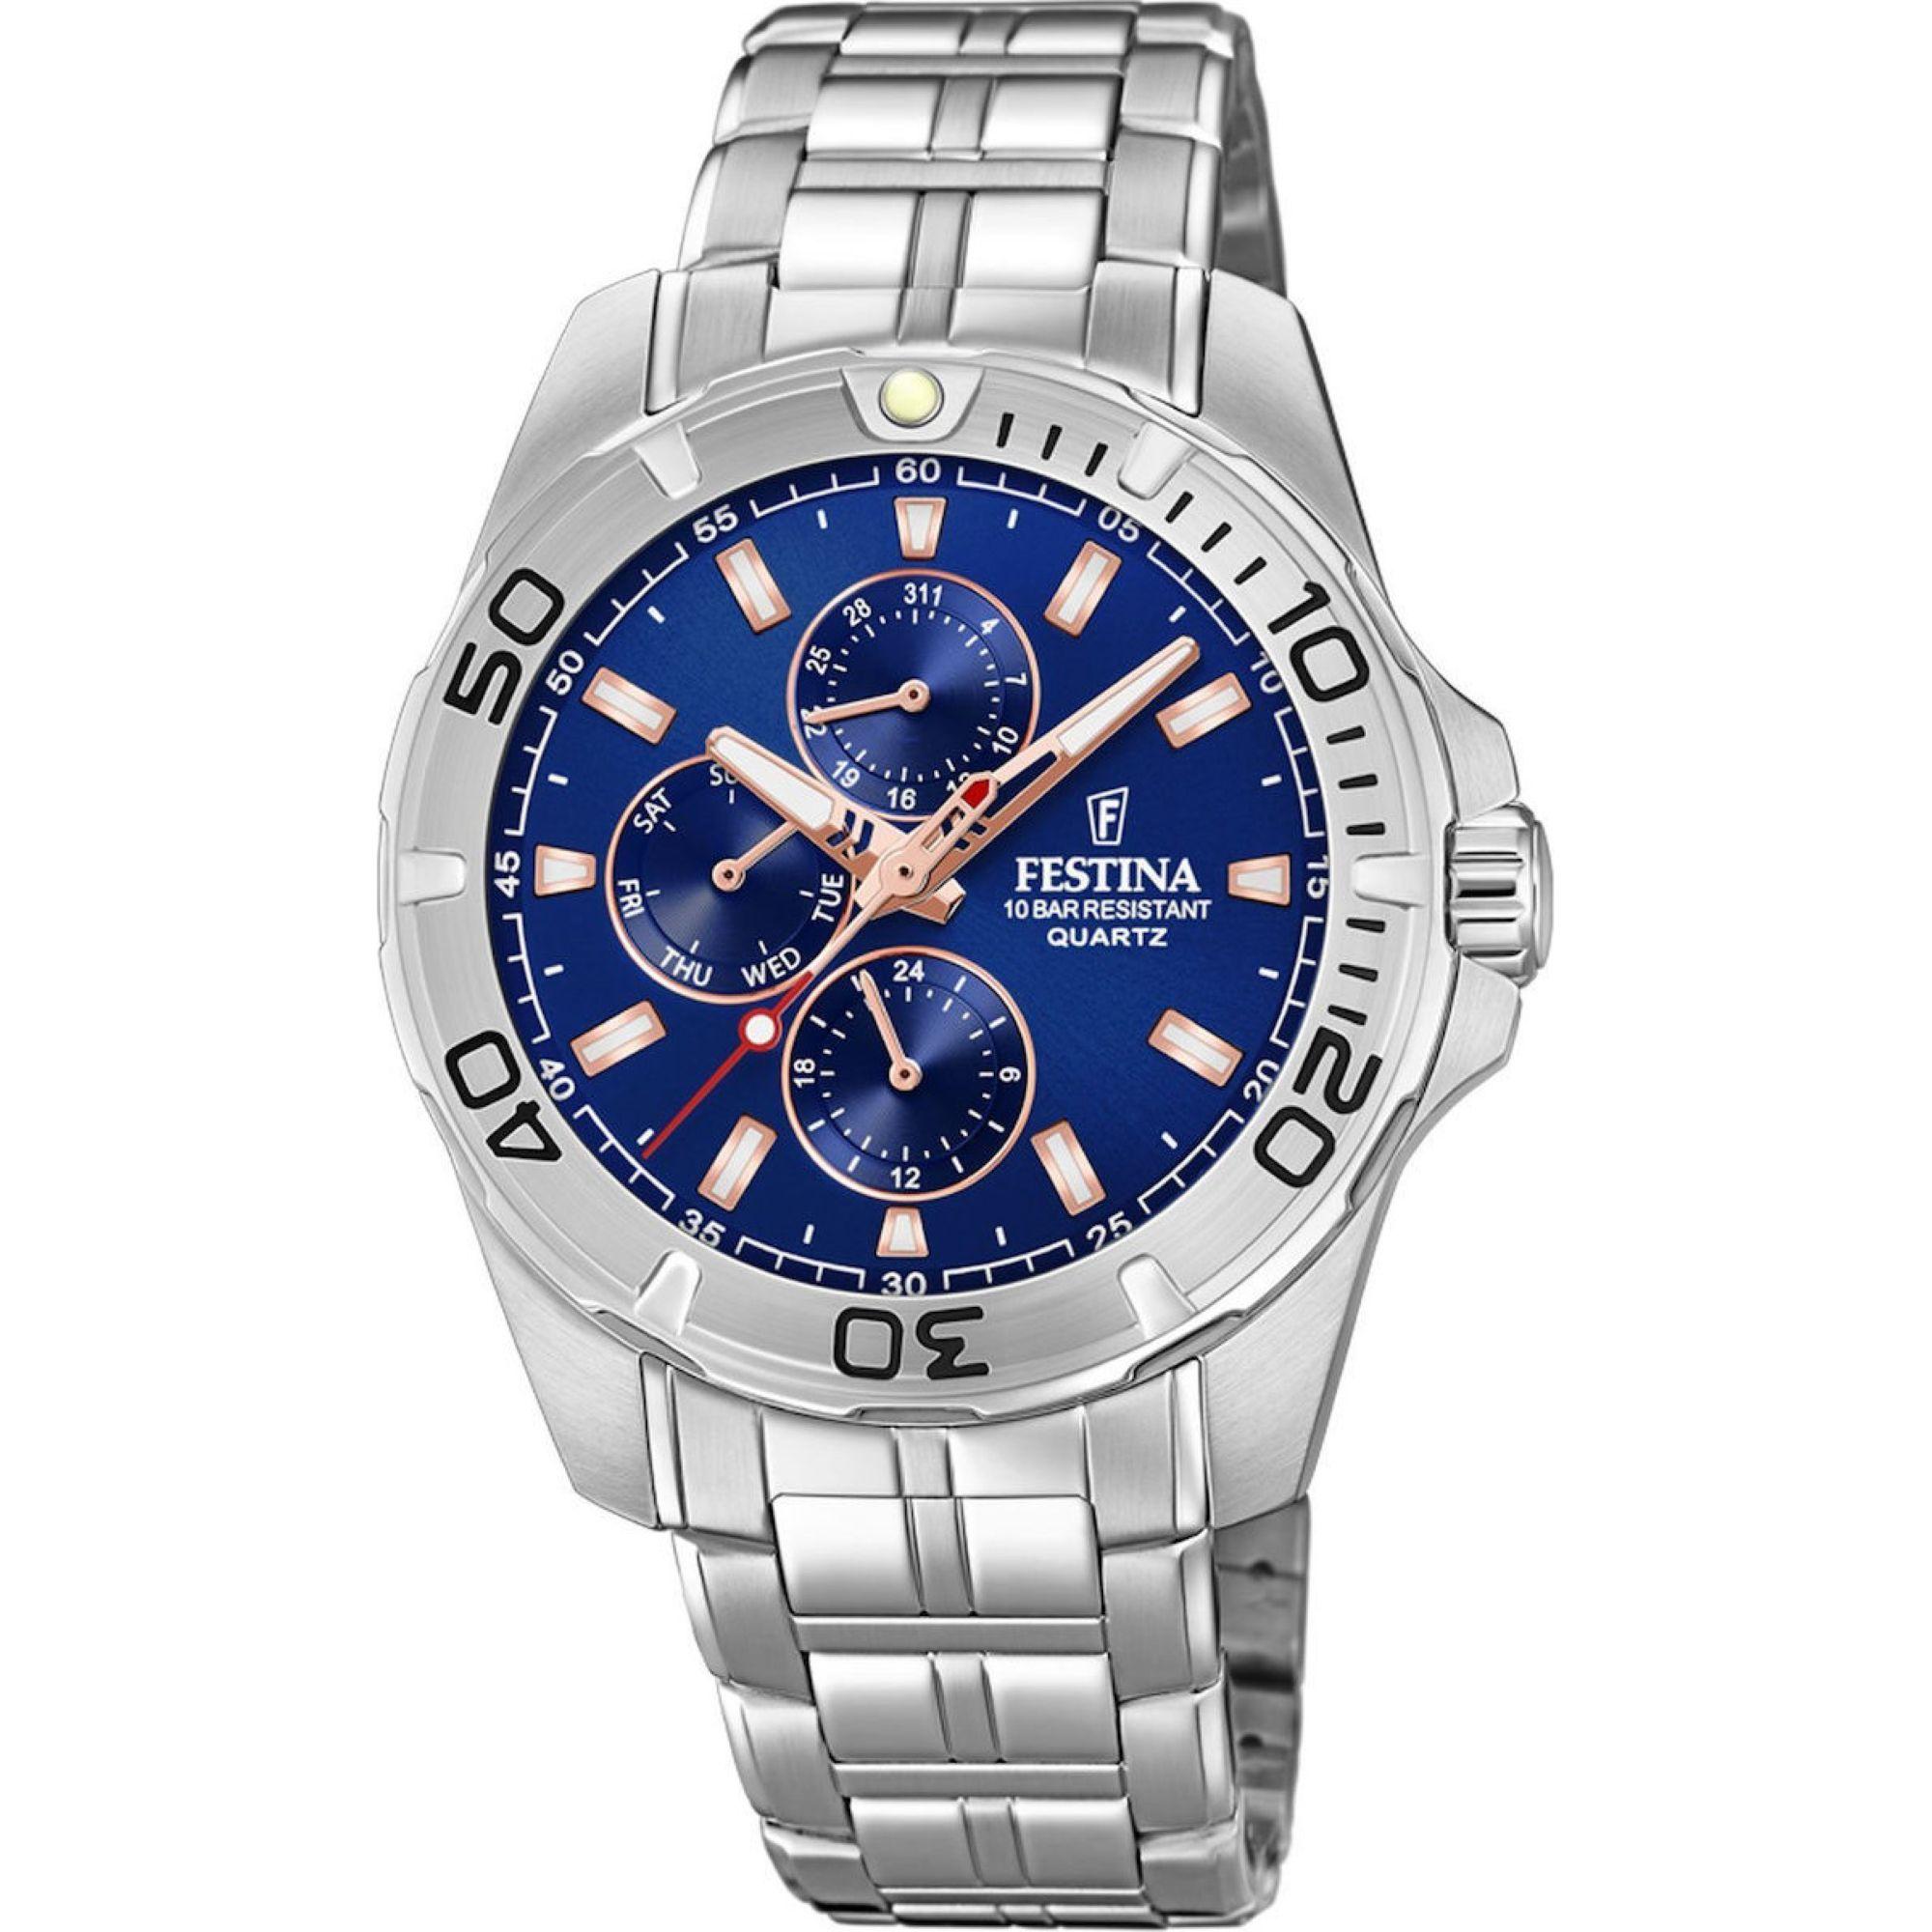 Ρολόι Festina με Χρονόμετρο και Μπλέ Καντράν F20445/5